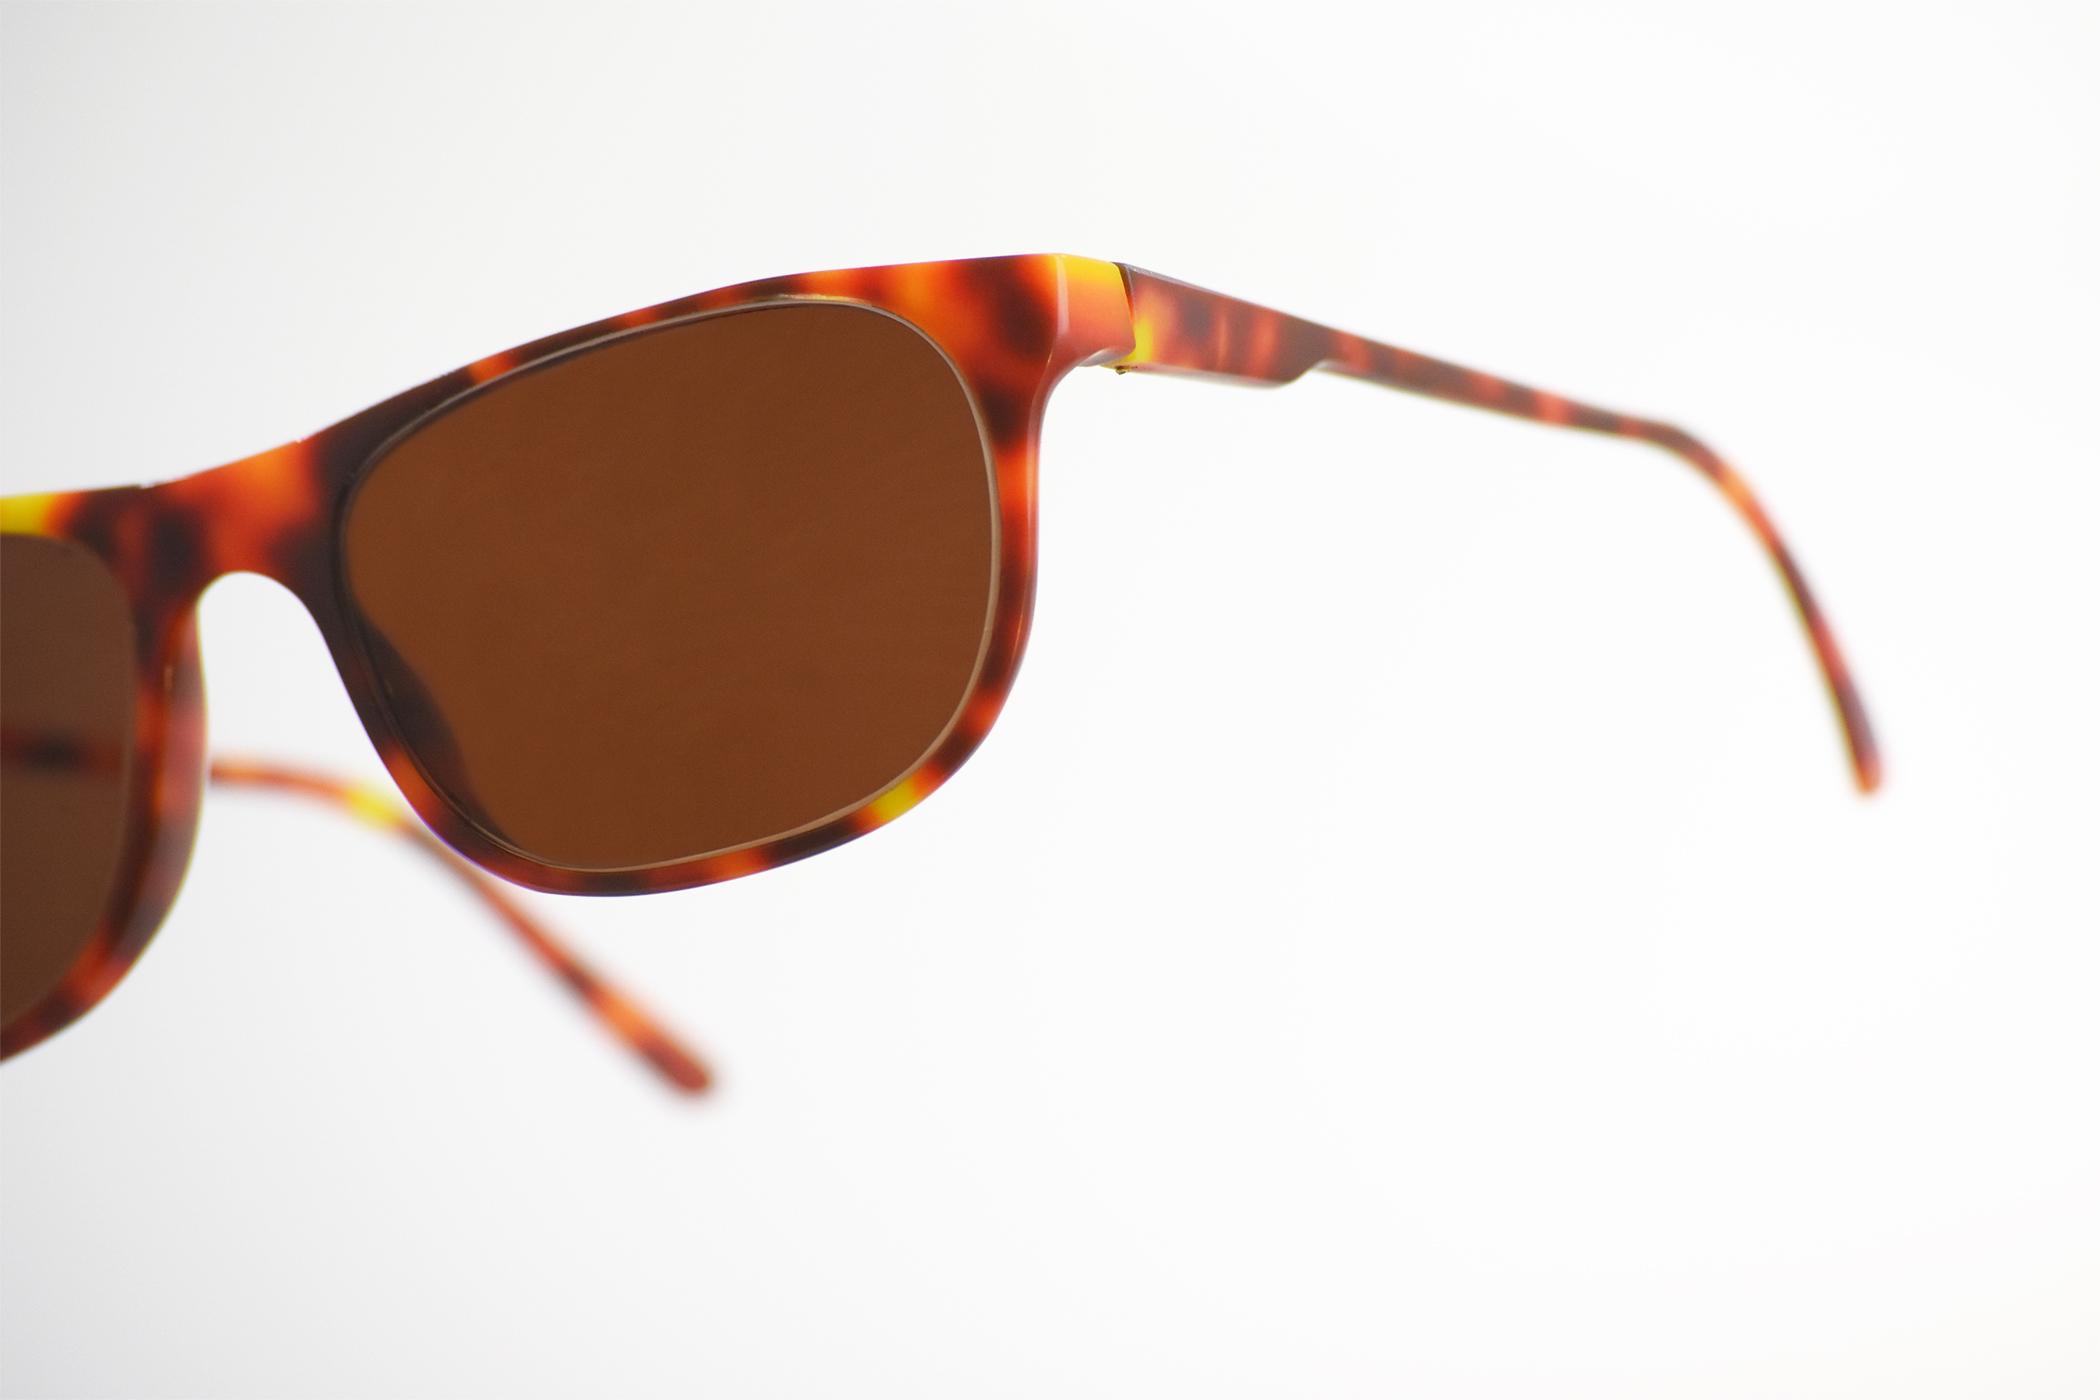 VeroFlex 3d gedruckte brille stratasys prototyping - Stratasys stellt VeroFlex Material für 3D-gedruckte Brillenrahmen vor